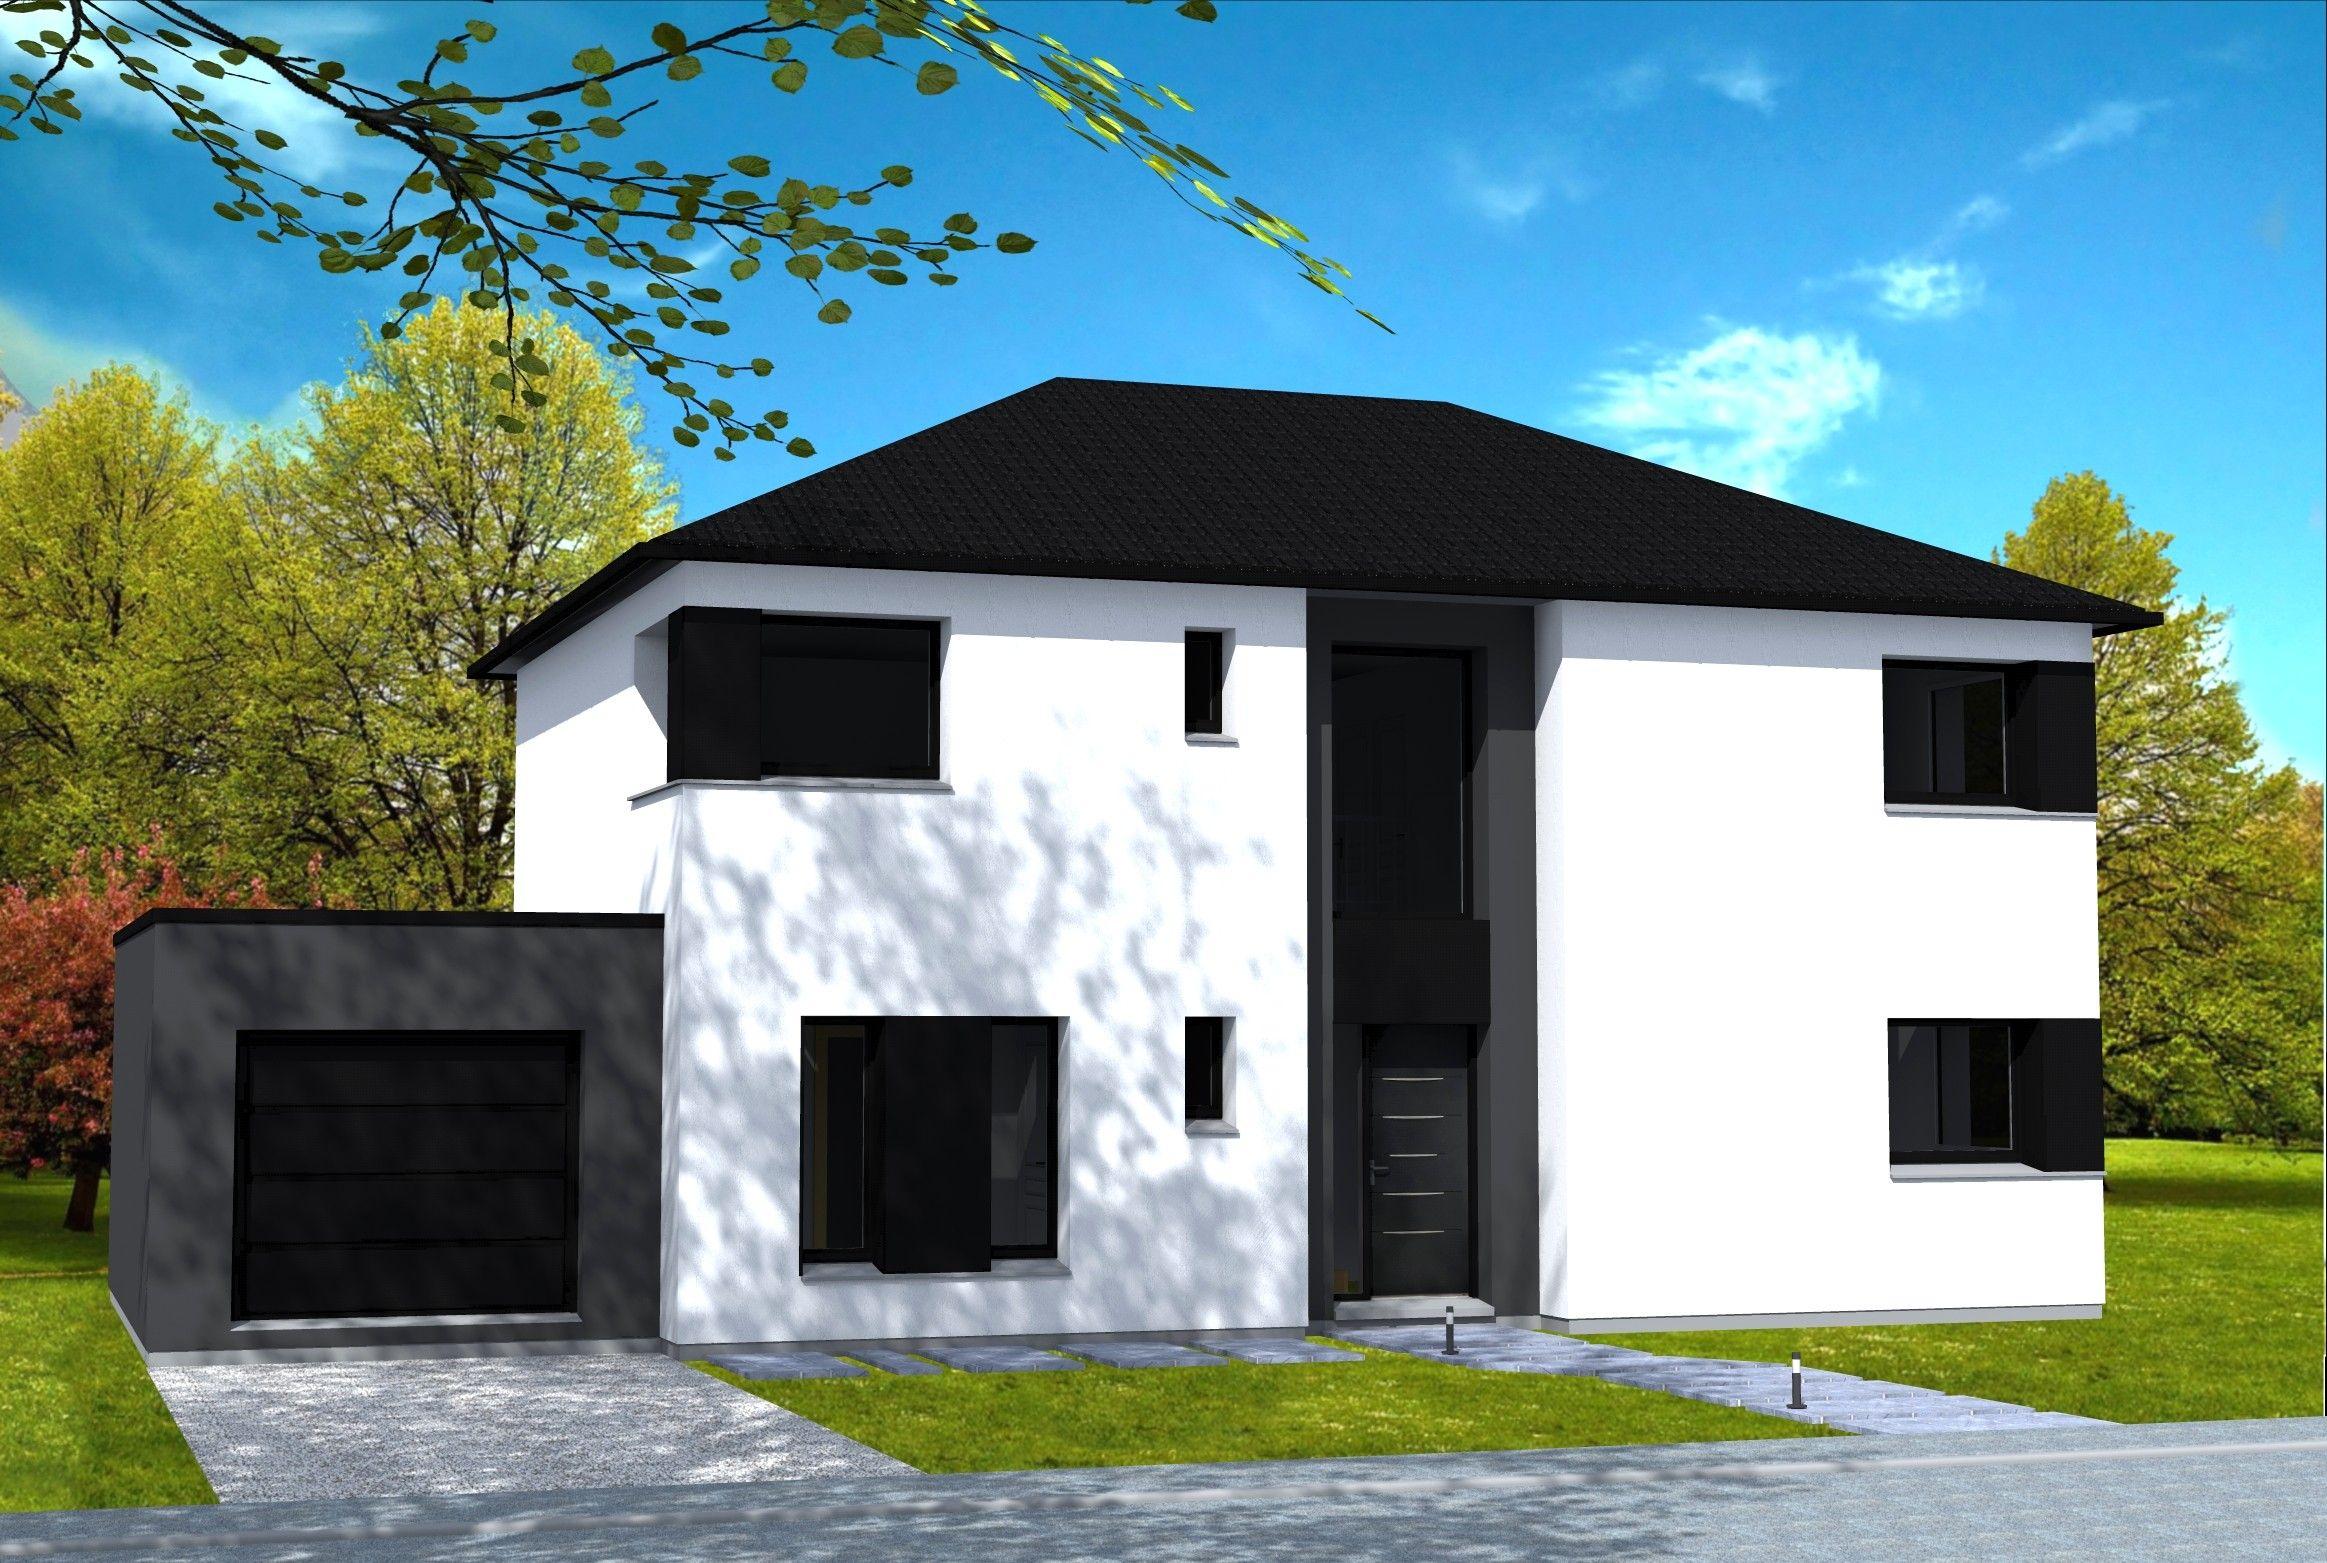 facade maison grise et blanche Ansprechend Facade Maison Blanche Et Grise 96